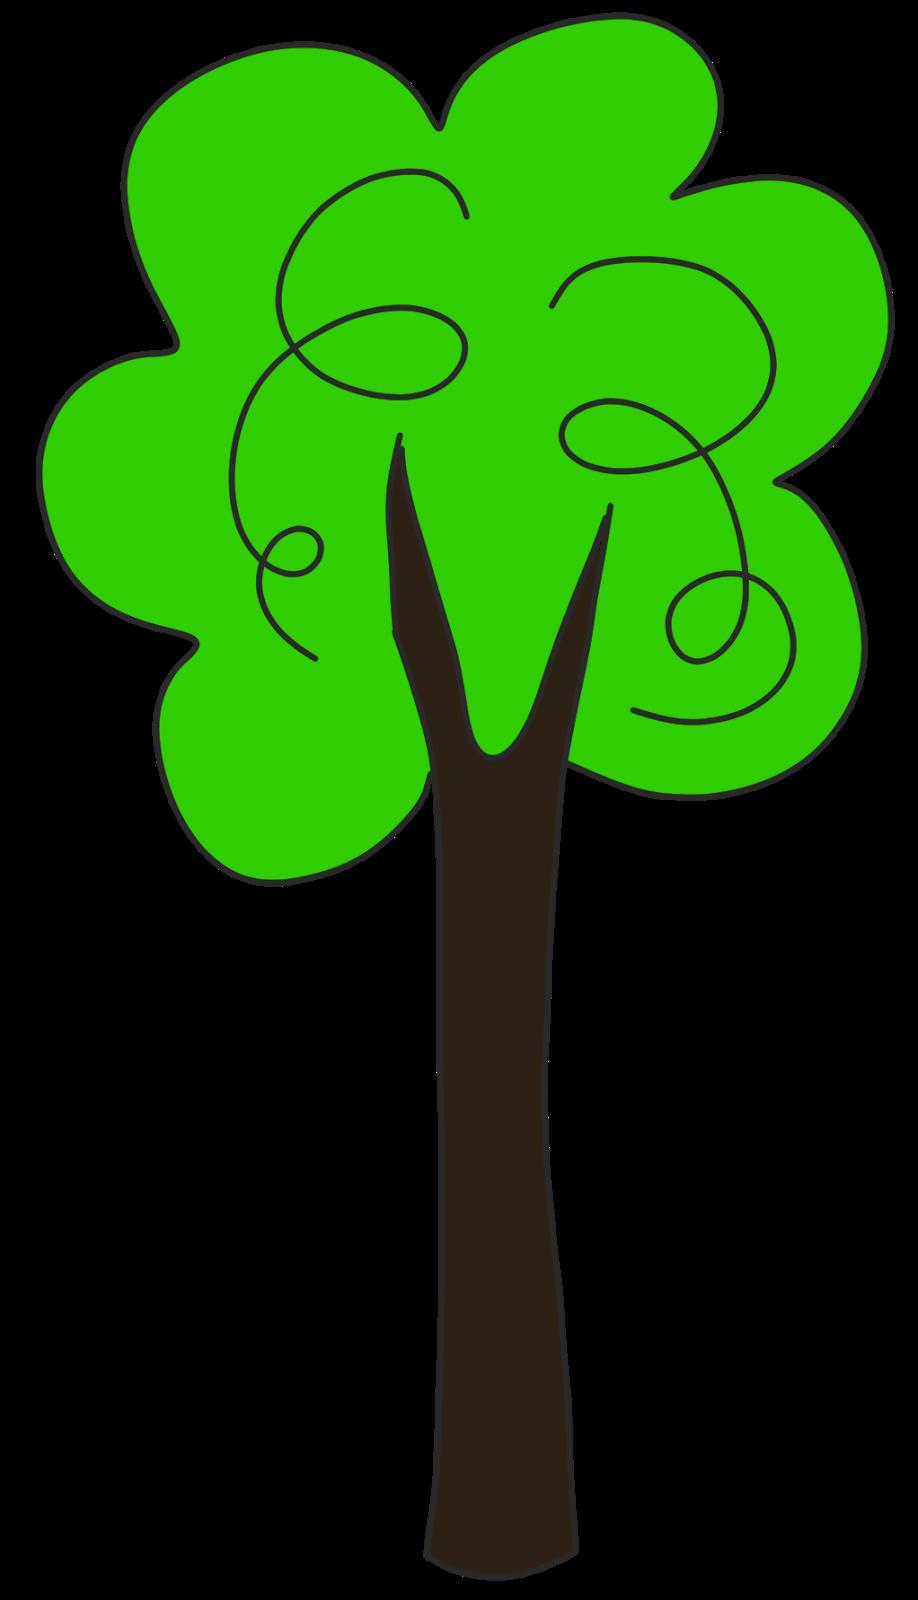 Tree clipart tall #2